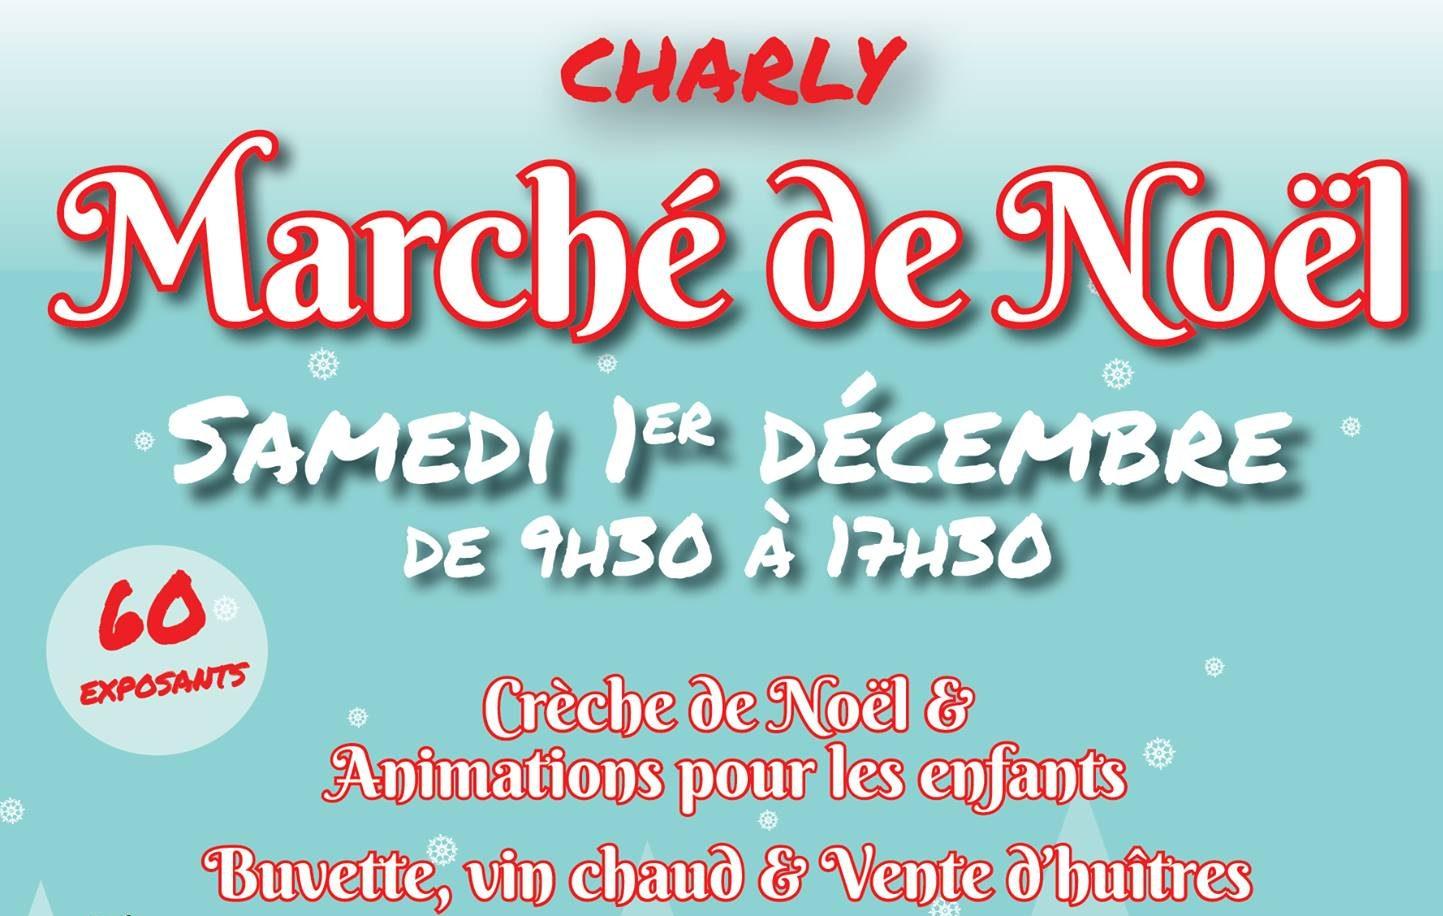 Marché de Noël à Charly le 1er Décembre 2018